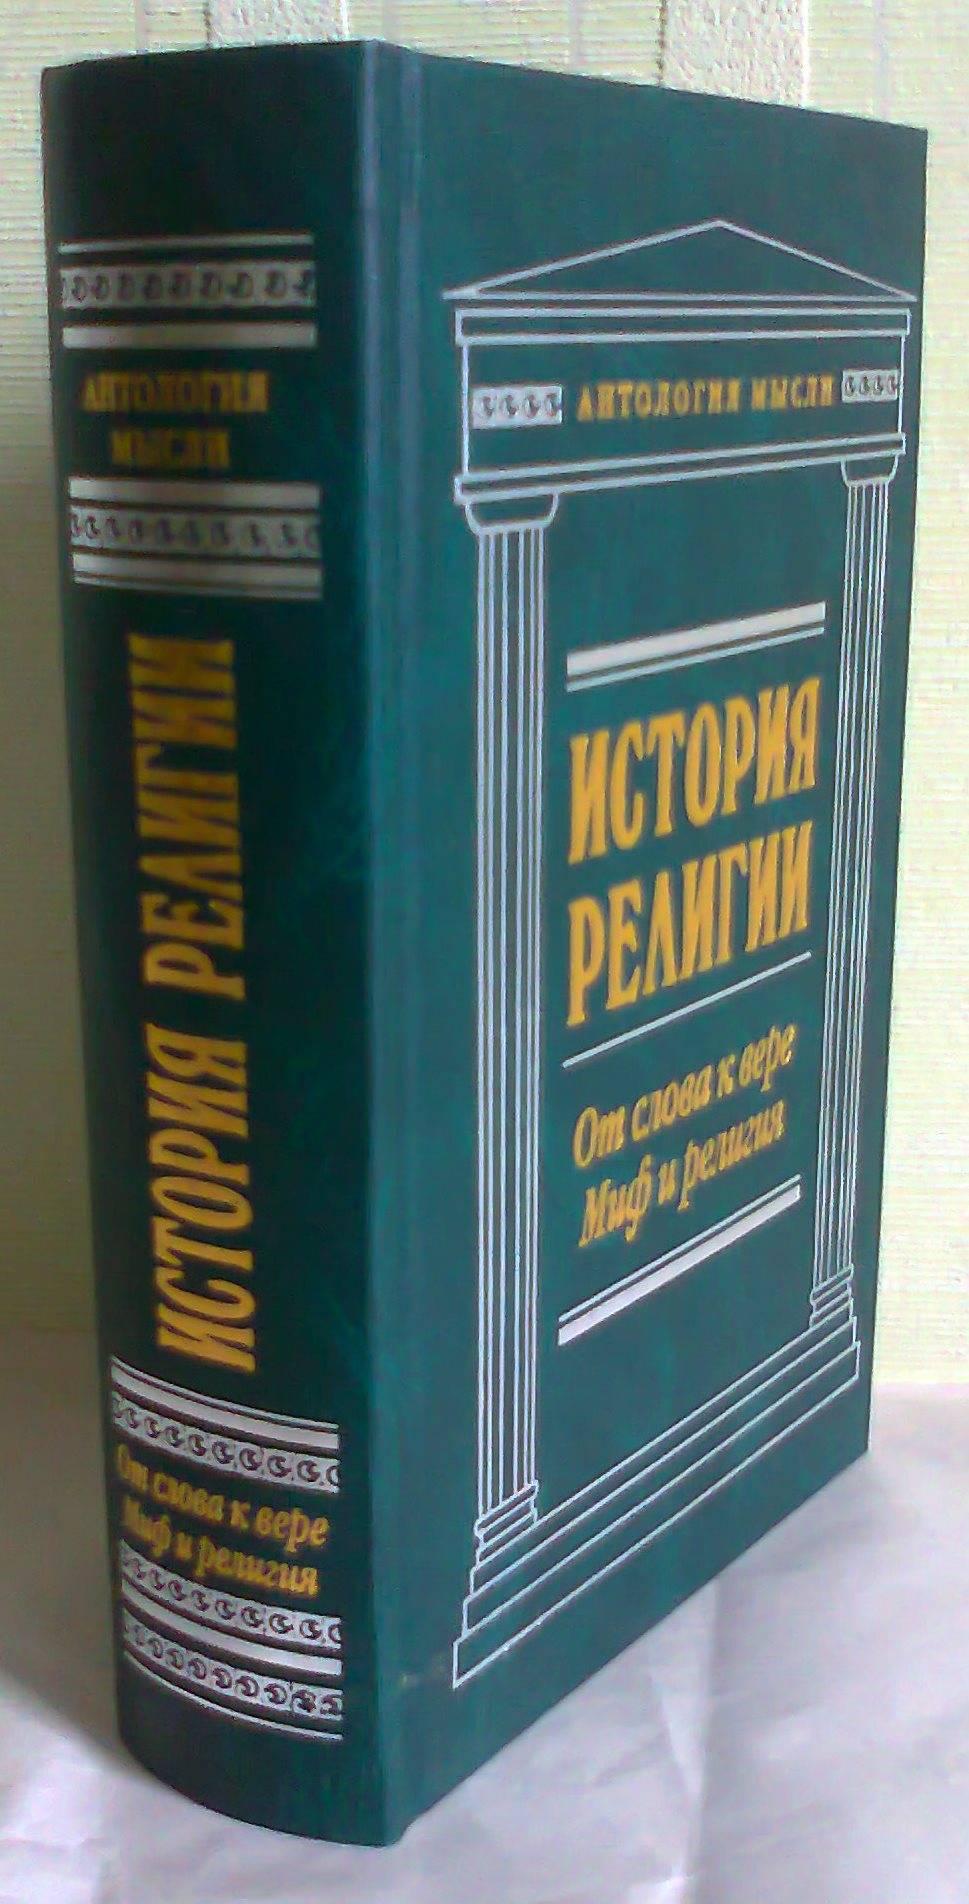 Вундт, вильгельм — википедия. что такое вундт, вильгельм